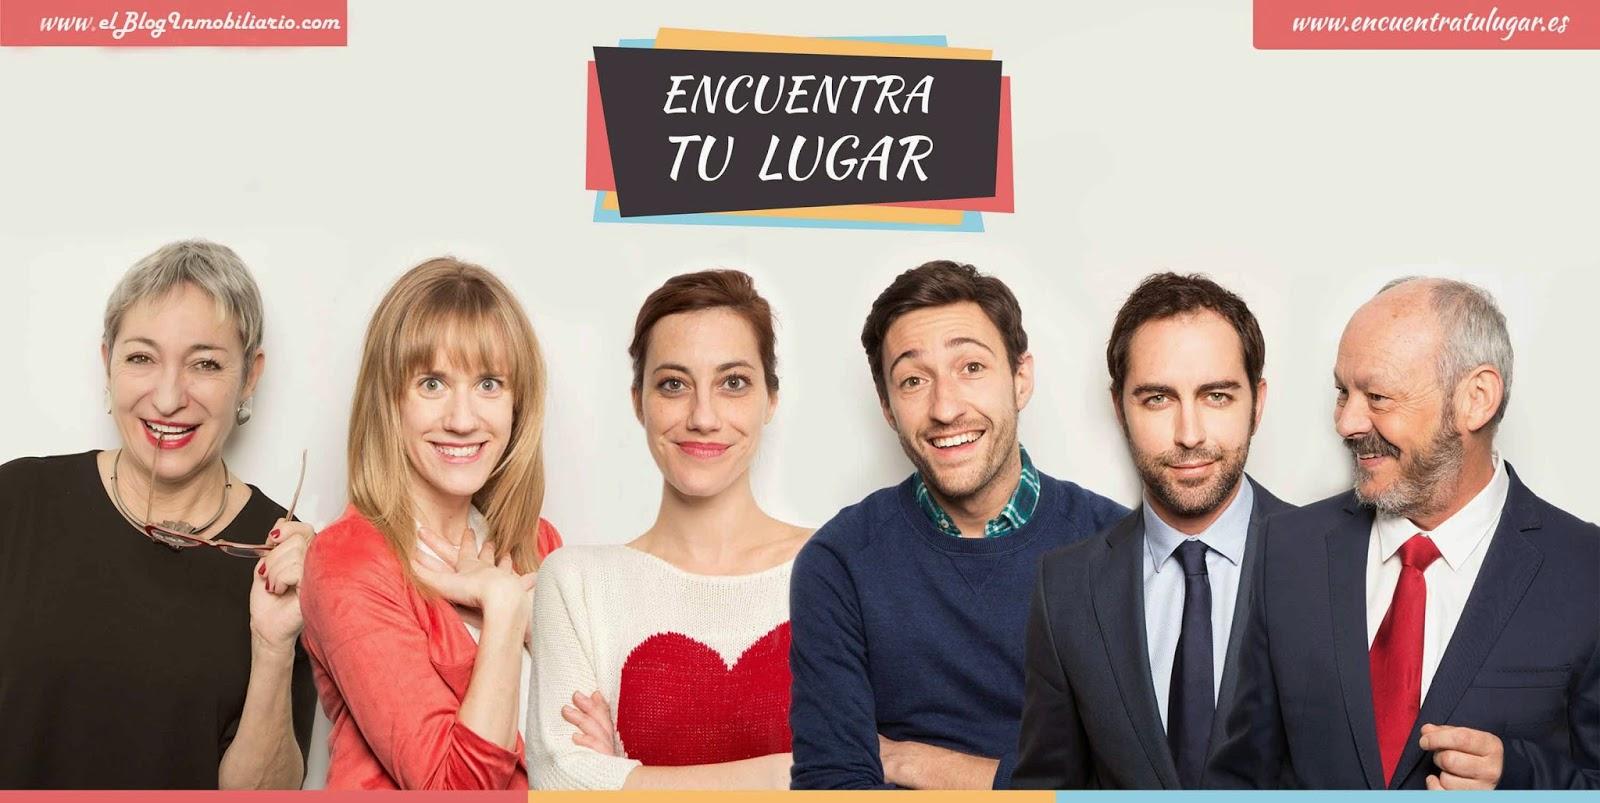 EncuentraTuLugar webserie elBlogInmobiliario.com